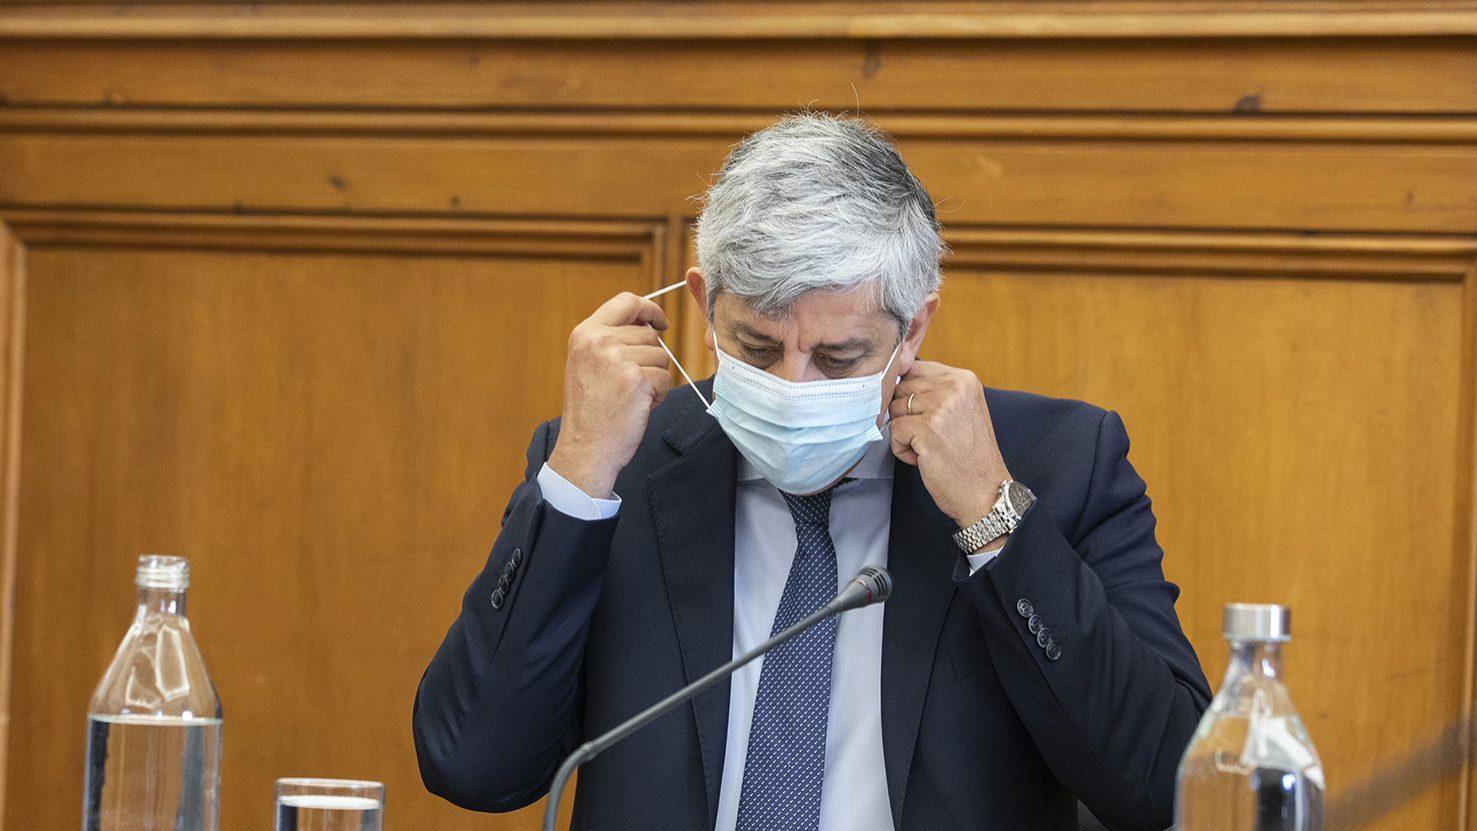 Audição de Mário Centeno no âmbito da proposta de designação para o cargo de Governador do Banco de Portugal - 08JUL20